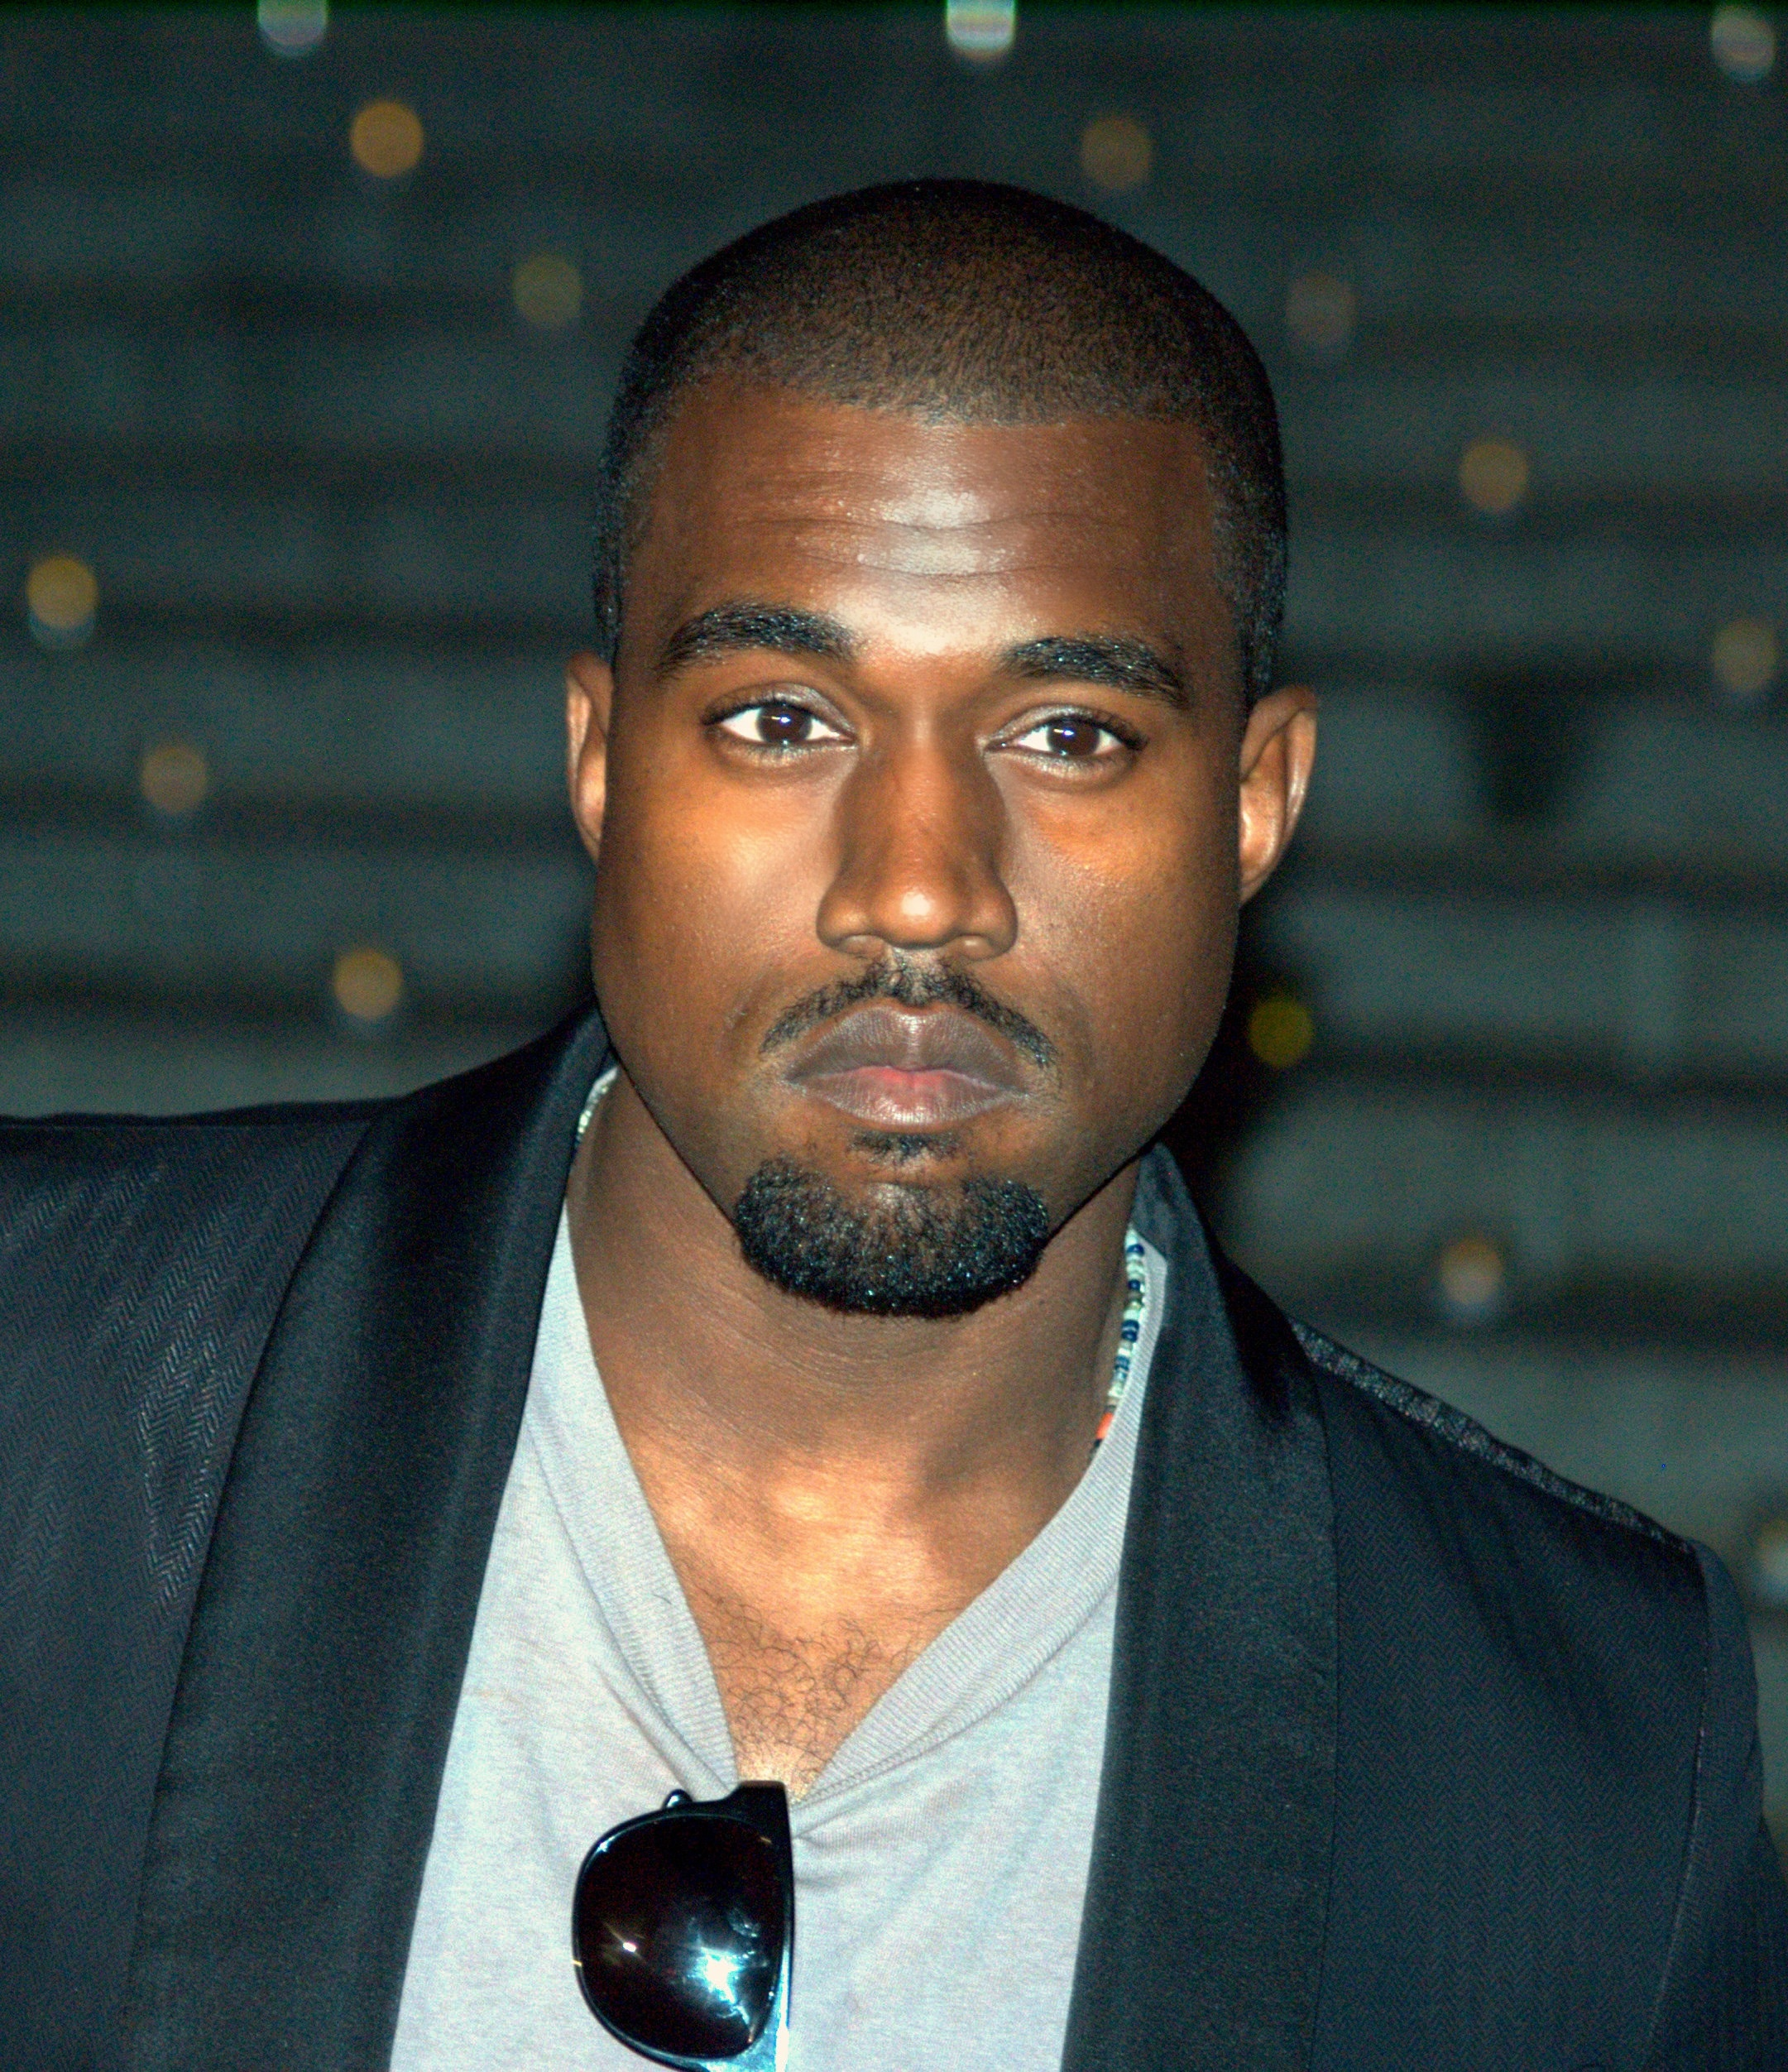 Kanye west till stockholms jazzfestival